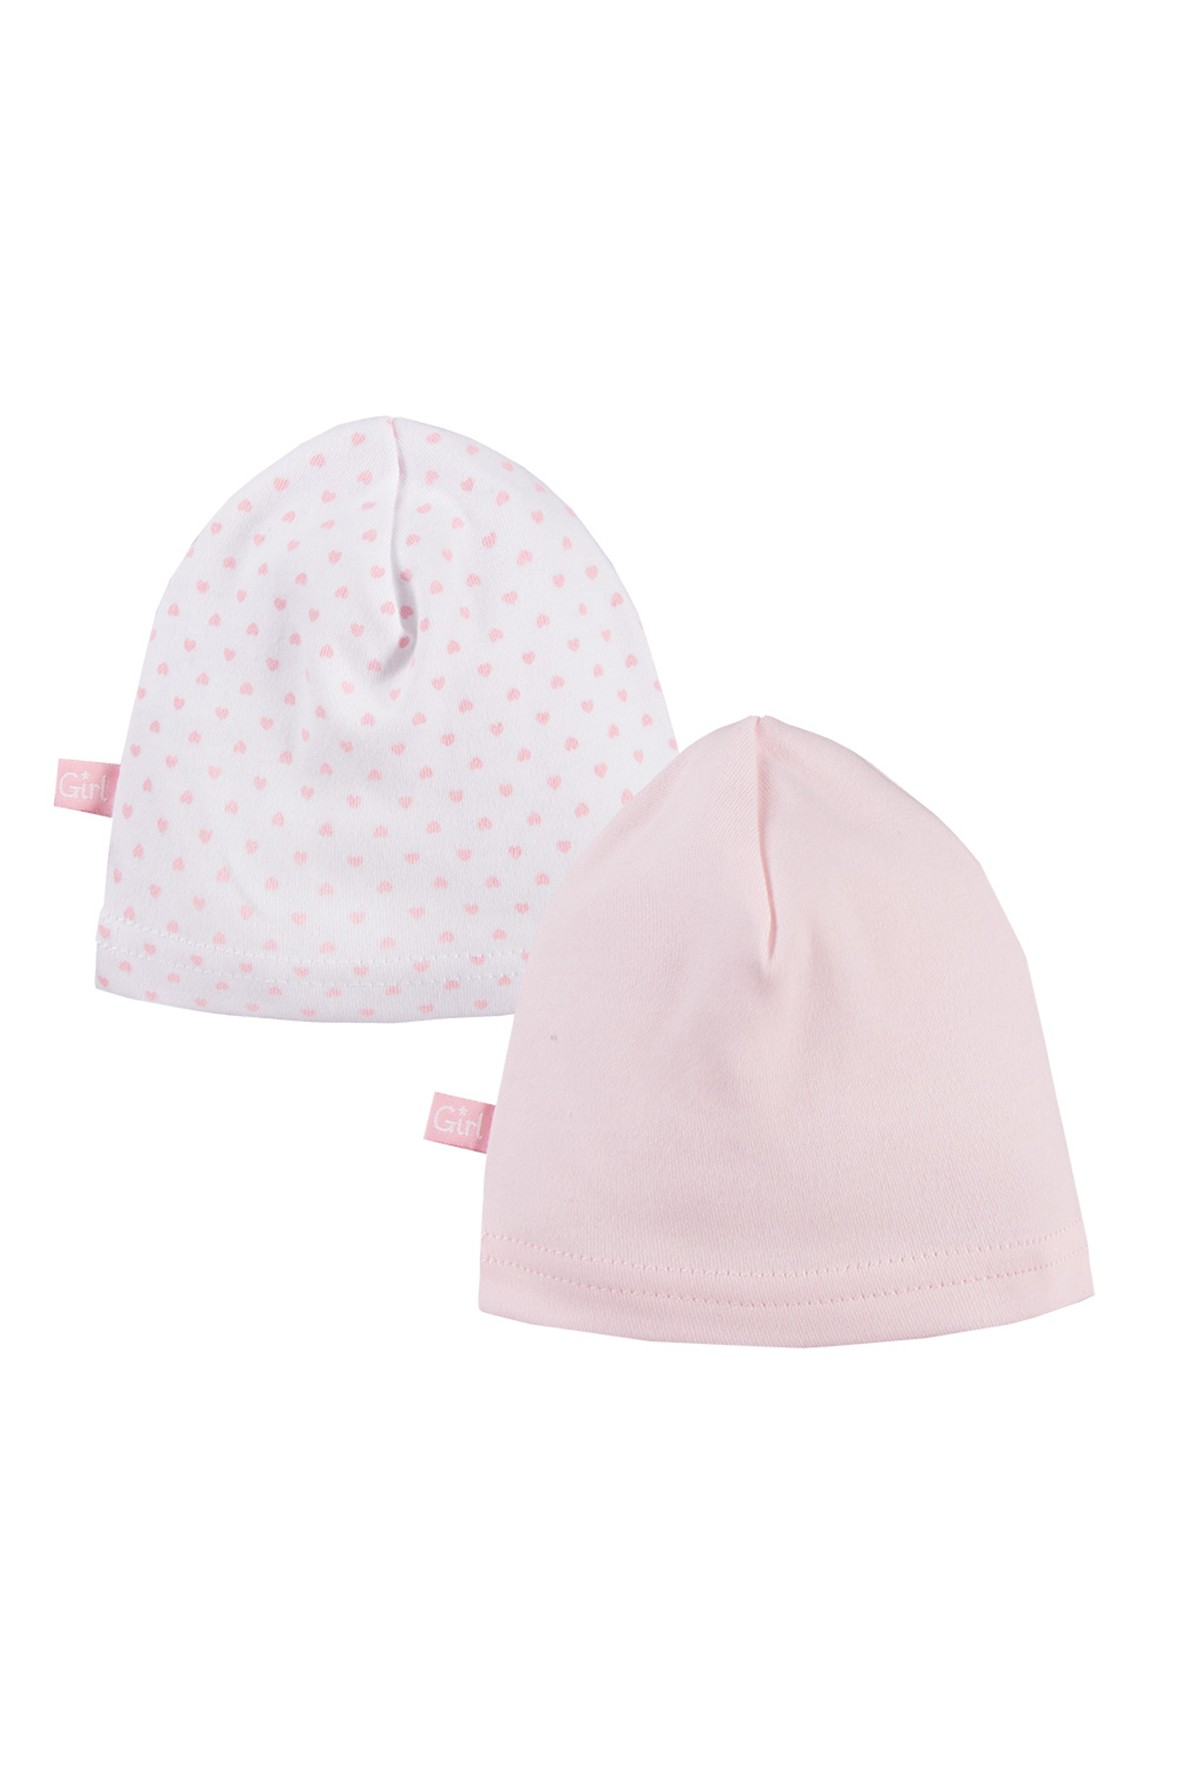 Bawełniane czapki niemowlęce 2pak - różowe